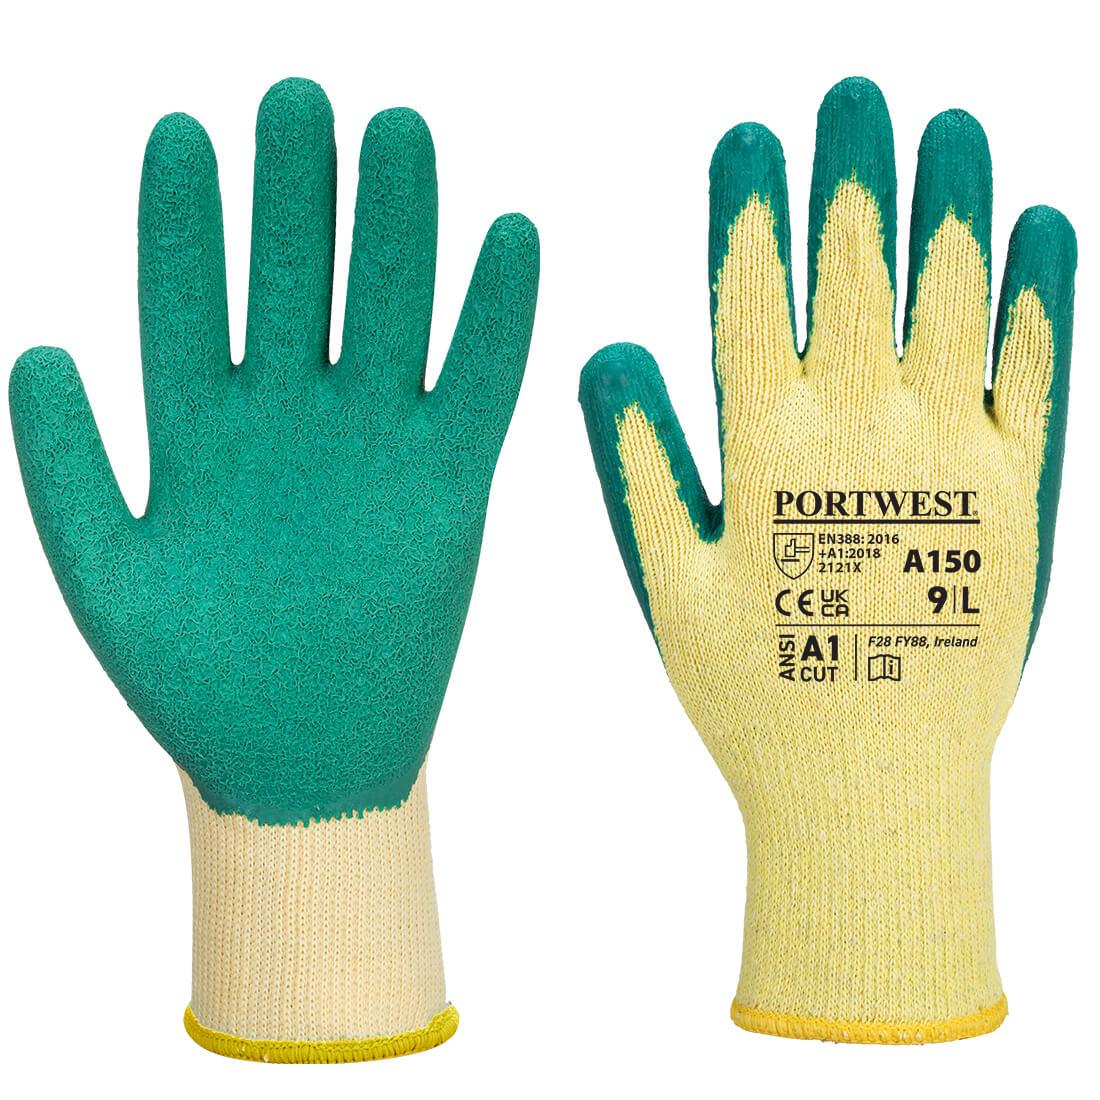 Portwest Classic Grip Glove - Latex